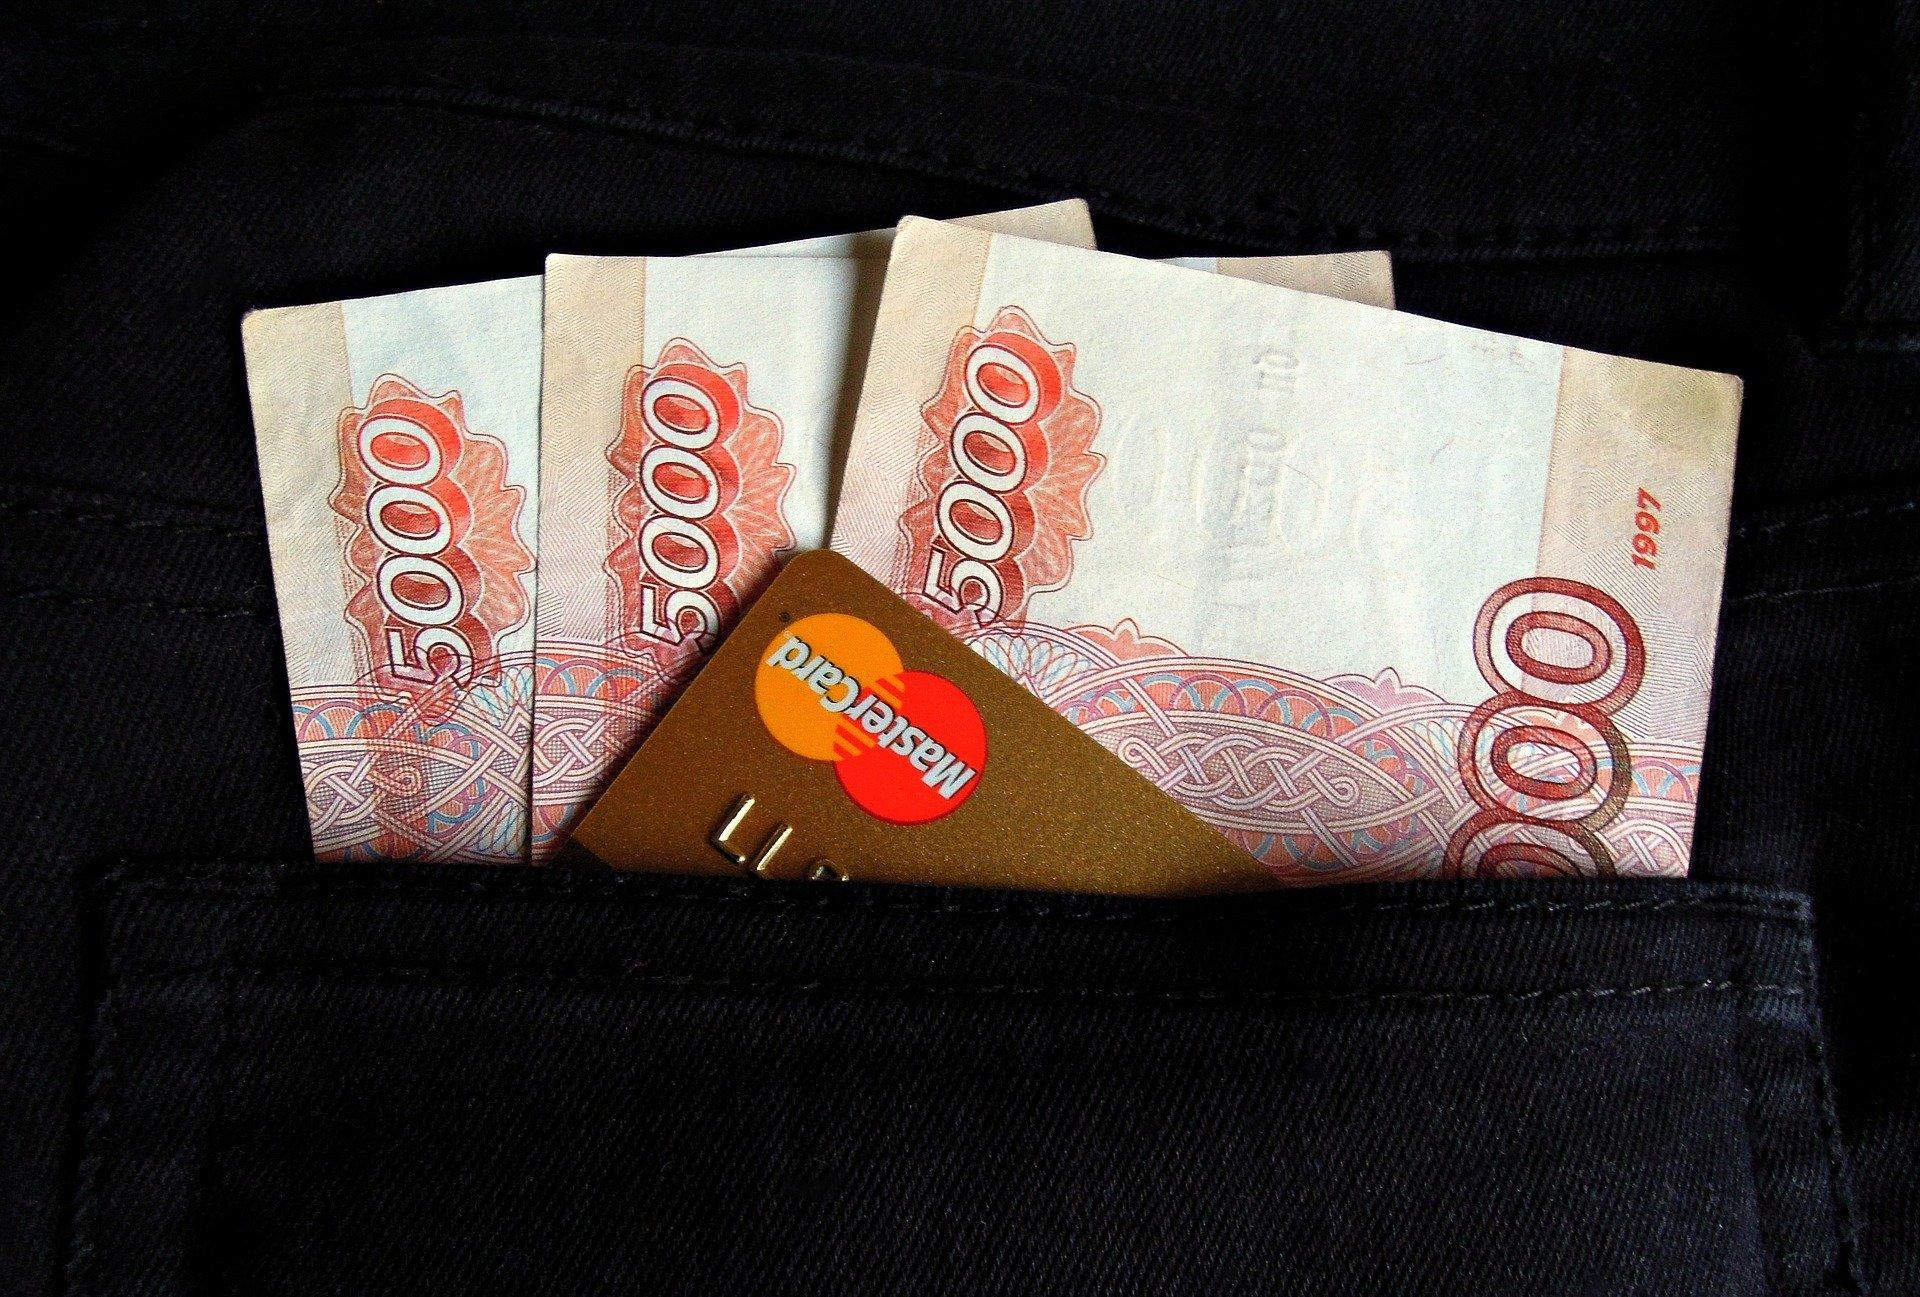 быстрые займы без документов